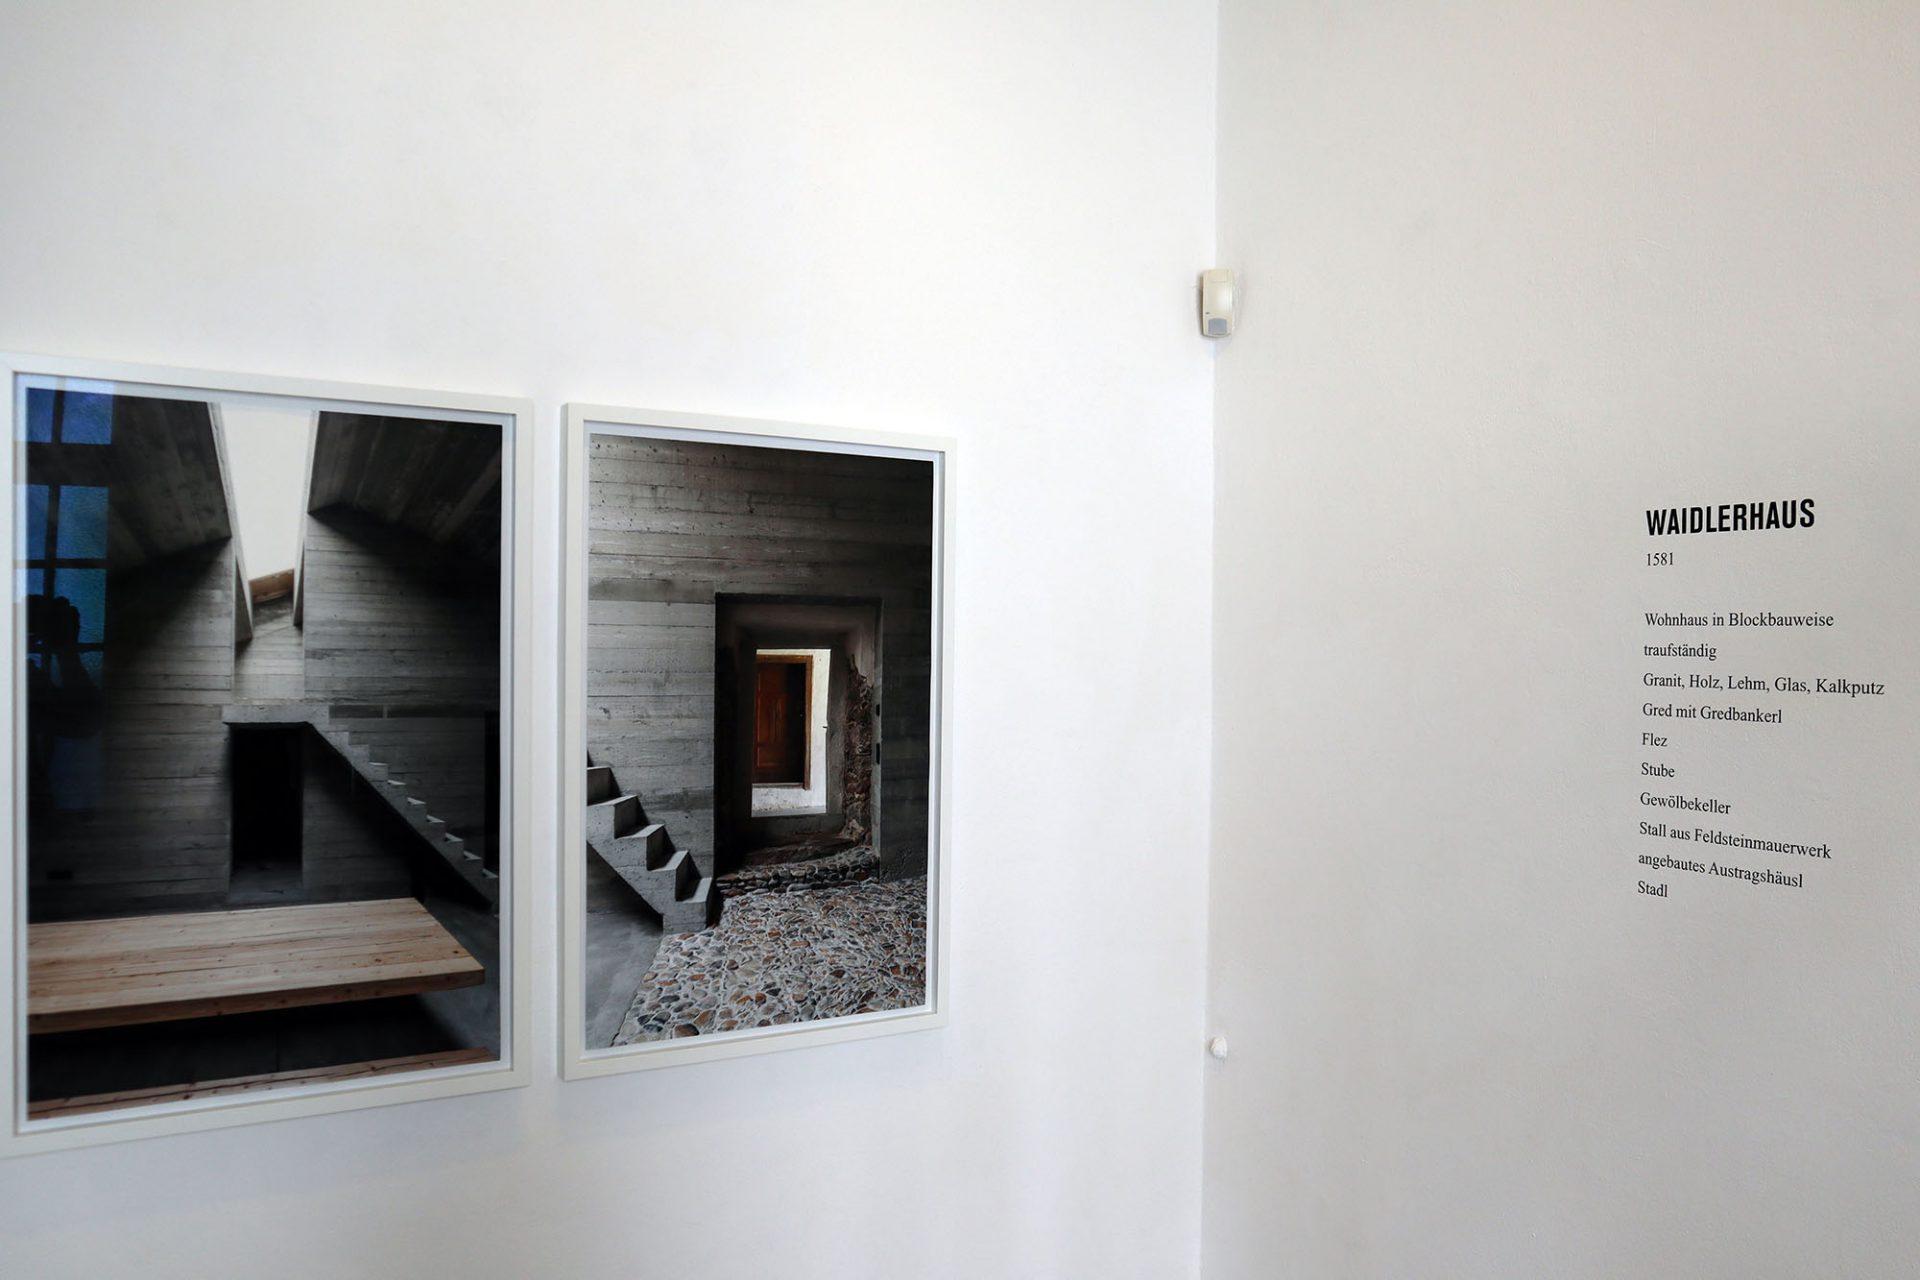 Bayerwaldzyklus Peter Haimerl. Architektur.. Waidlerhaus Blaibach, Wohnhaus in Blockbauweise